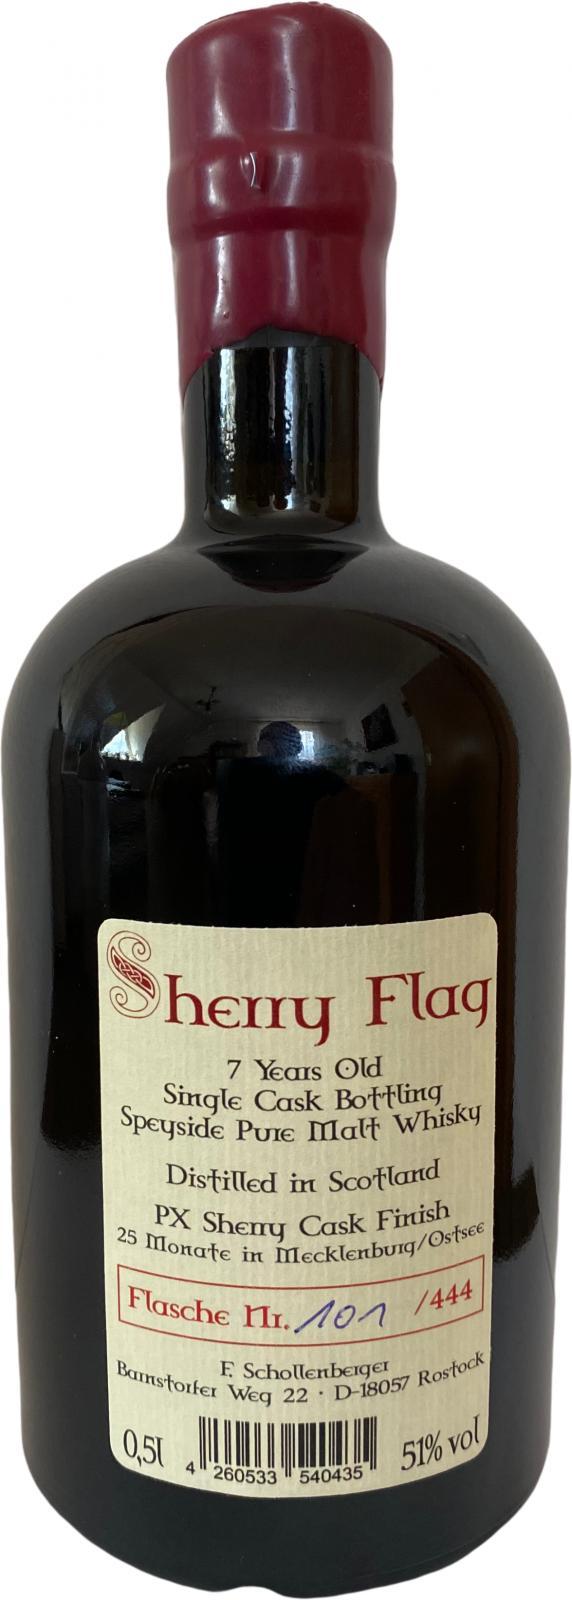 Sherry Flag 07-year-old FSb